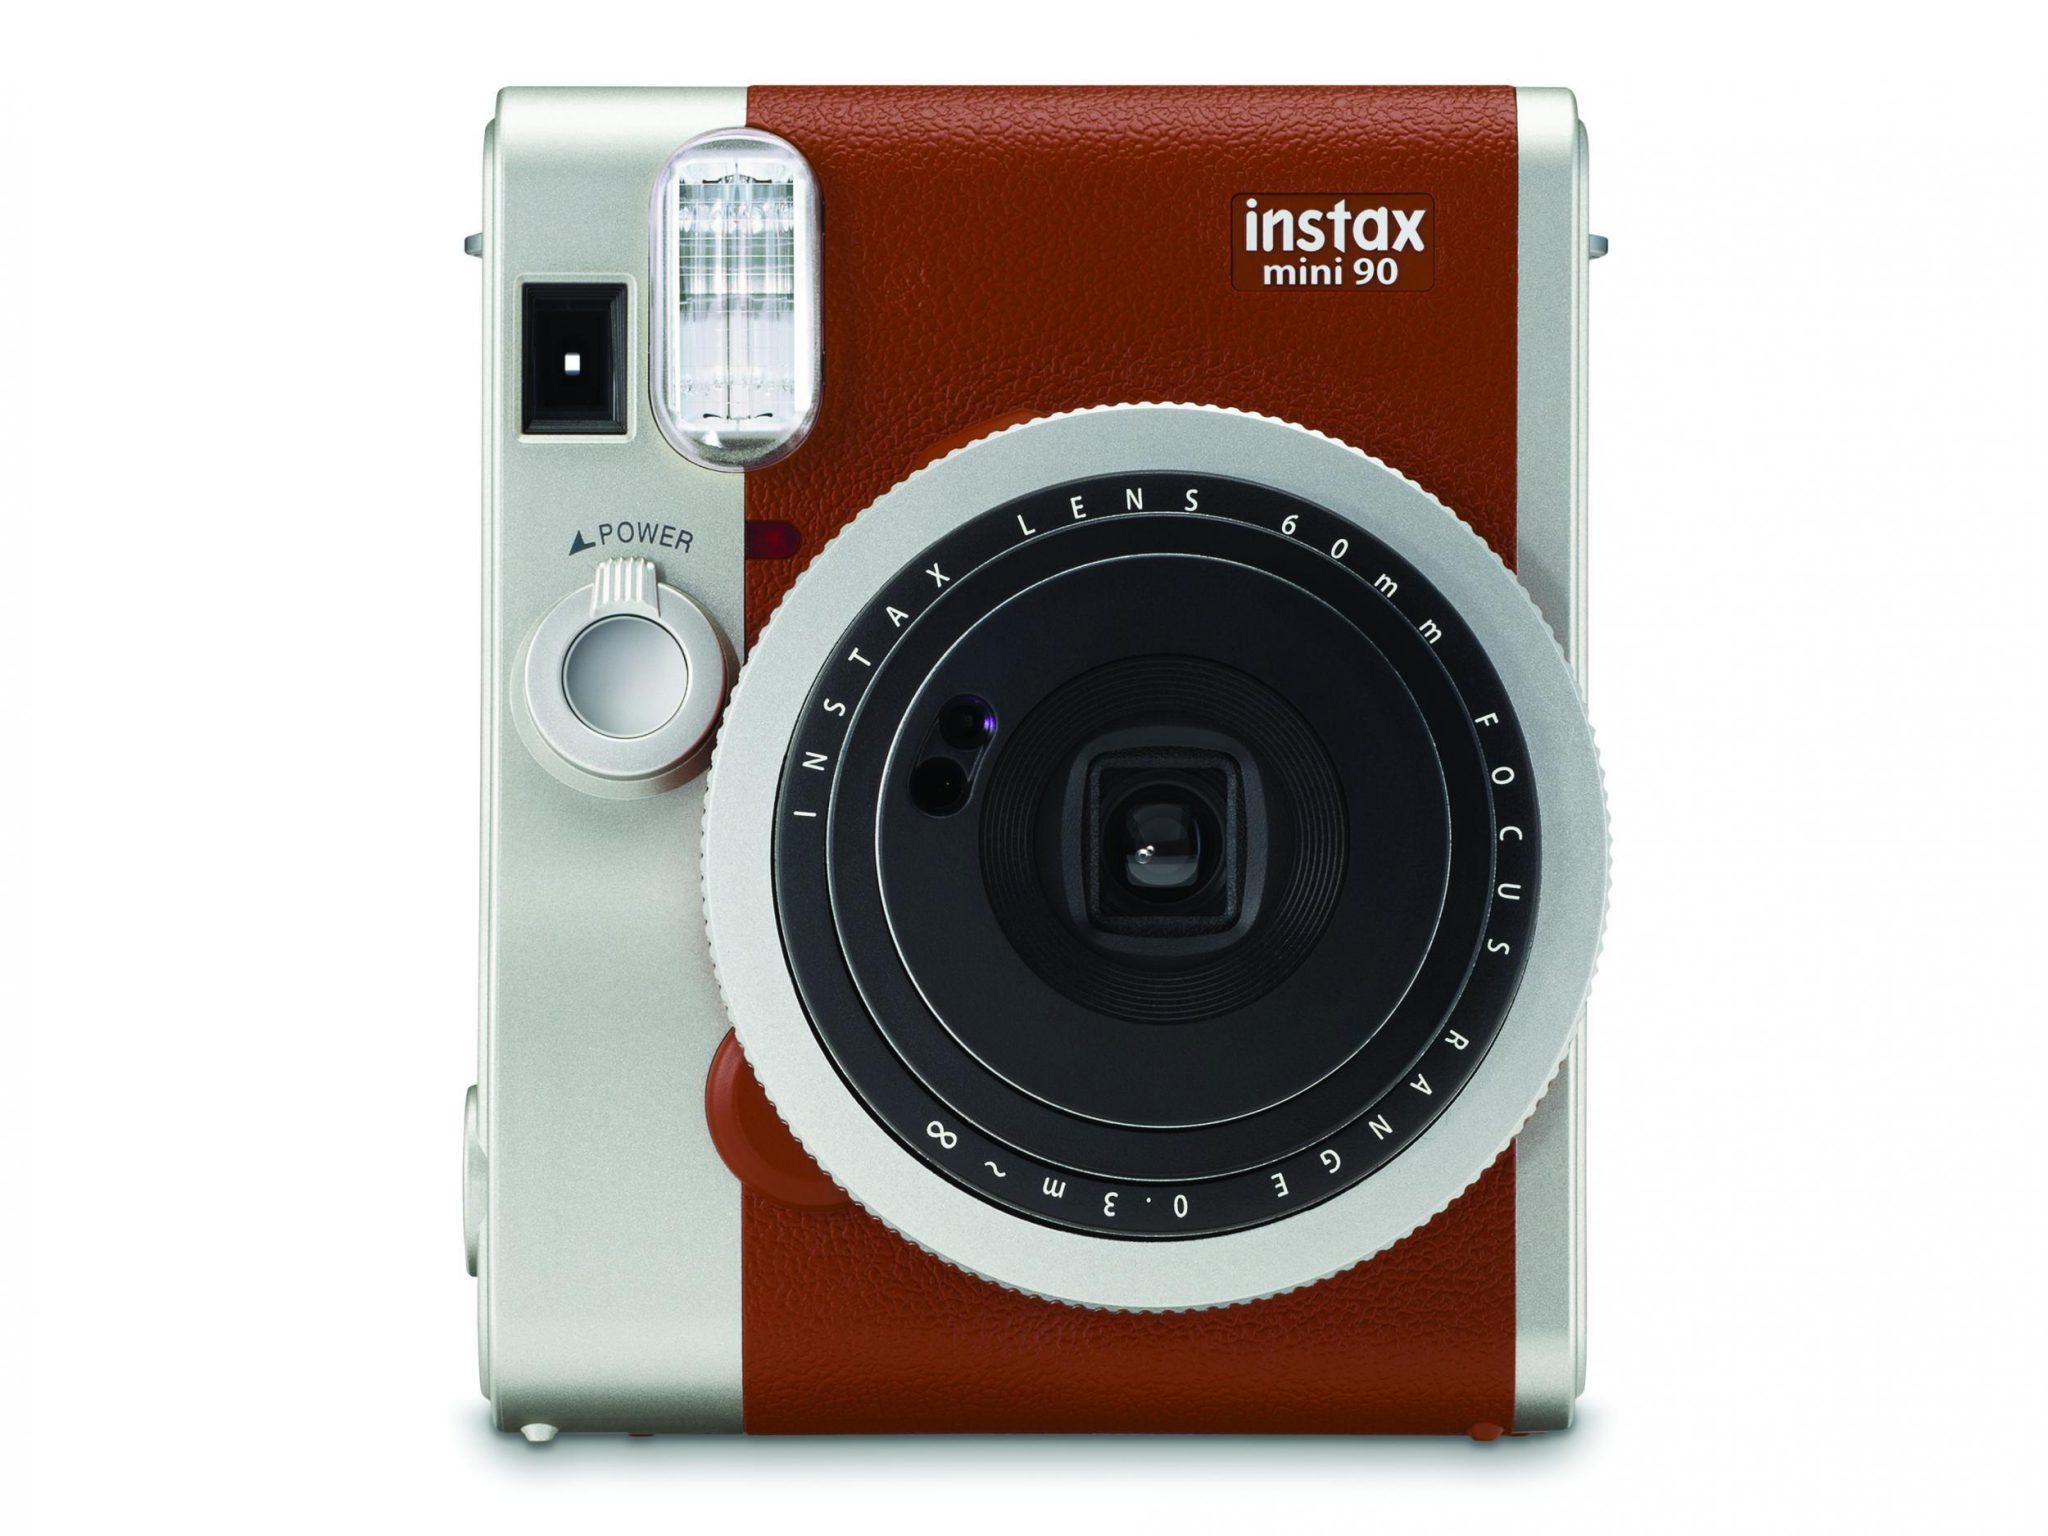 أفضل كاميرا فورية | The Best Instant Camera